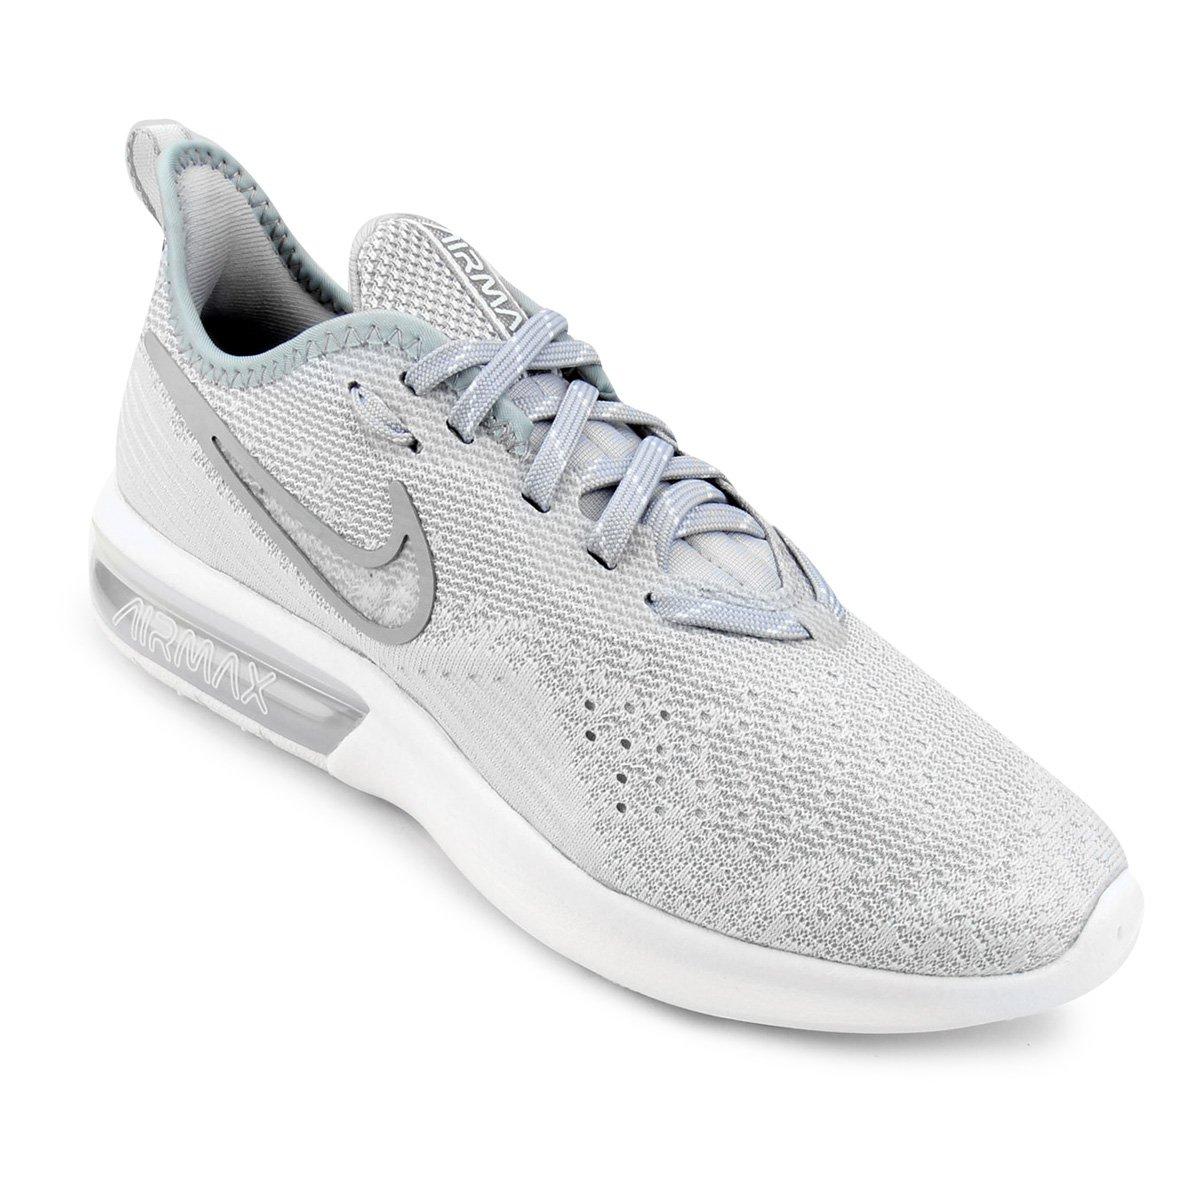 34af69cc9db Tênis Nike Air Max Sequent 4 Feminino - Cinza e Branco - Compre Agora